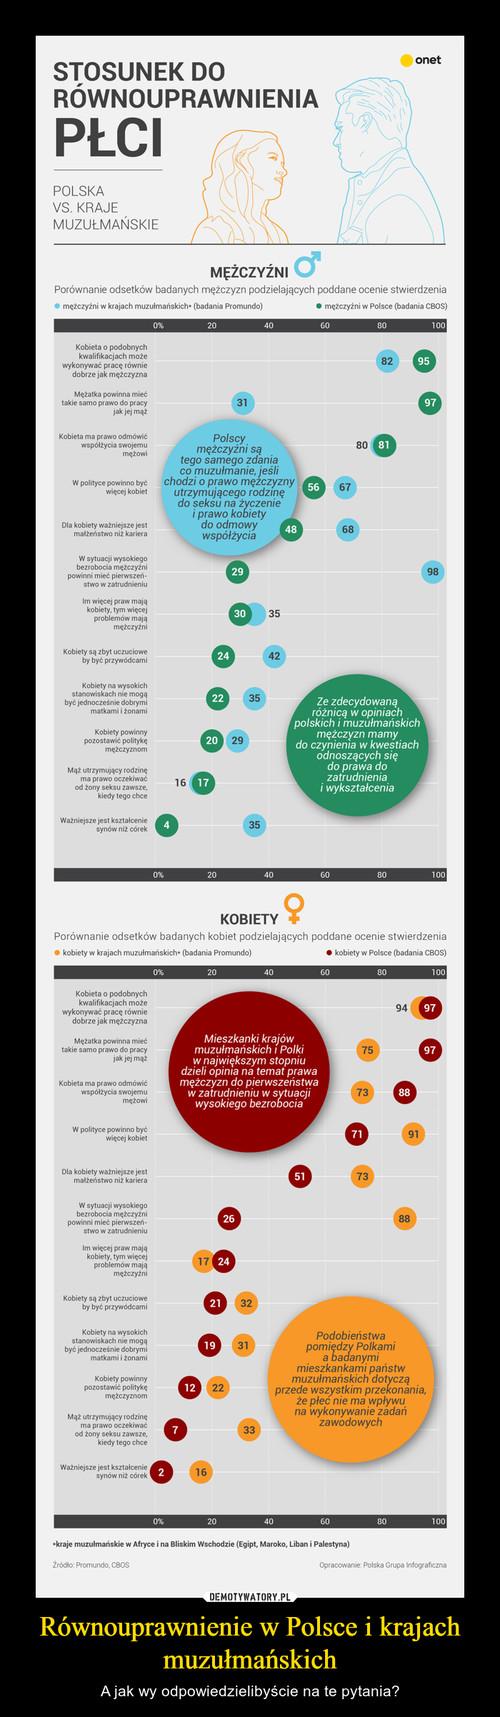 Równouprawnienie w Polsce i krajach muzułmańskich